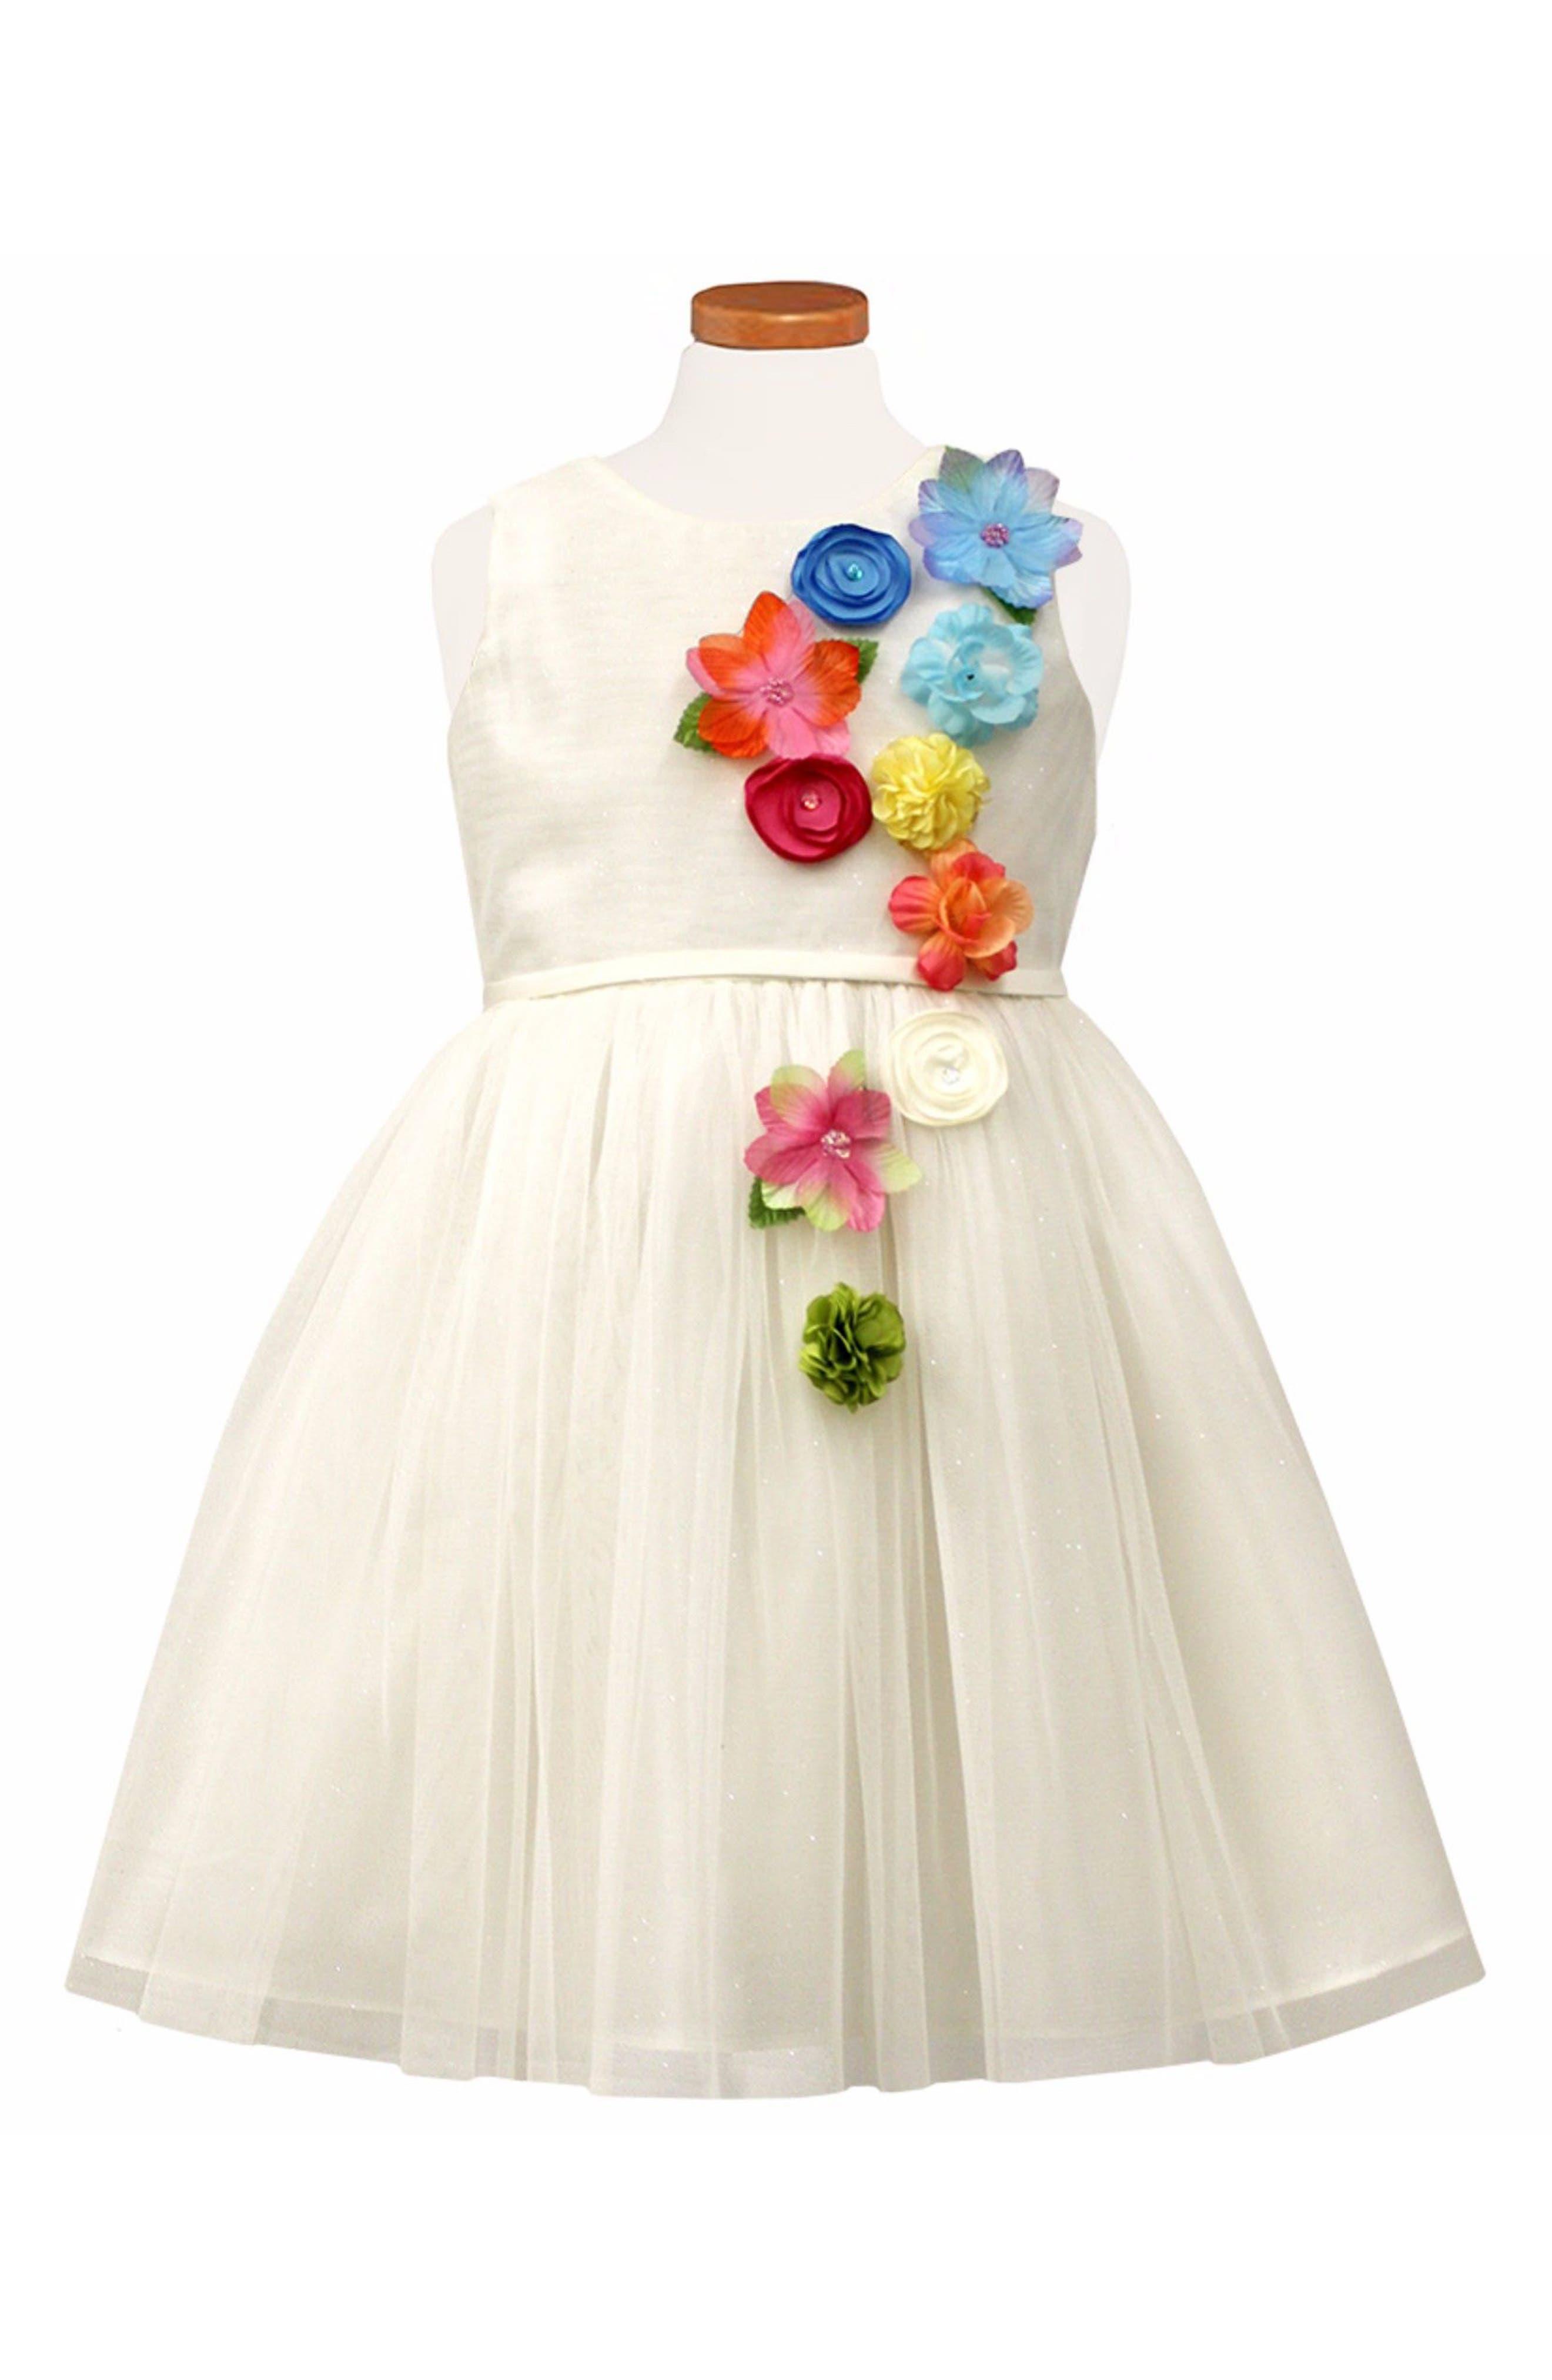 Flower Appliqué Tulle Party Dress,                             Main thumbnail 1, color,                             100